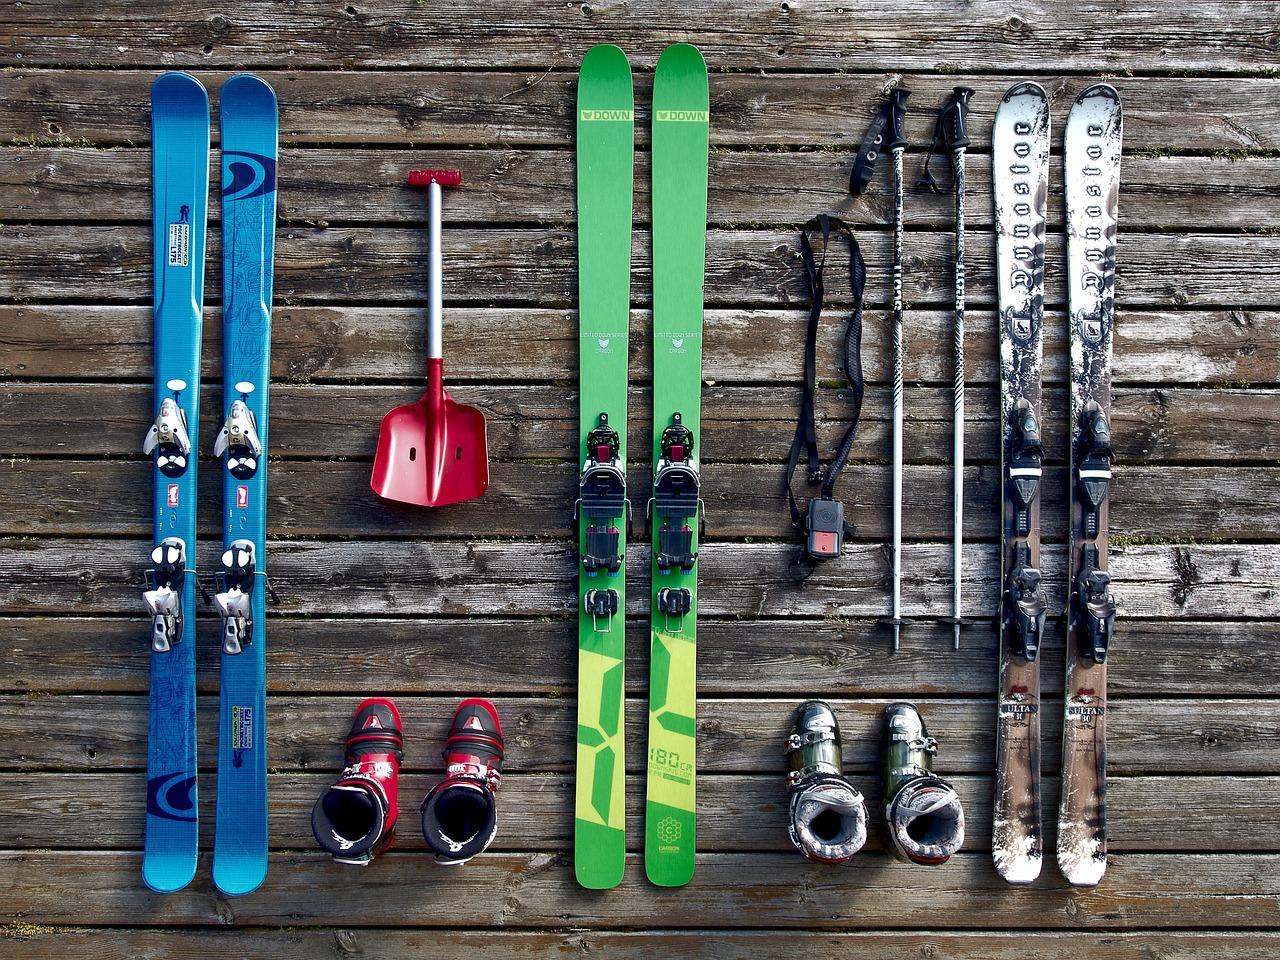 Kopalnia sprzętu- narty dla narciarzy najwyższej jakości - Zdjęcie główne